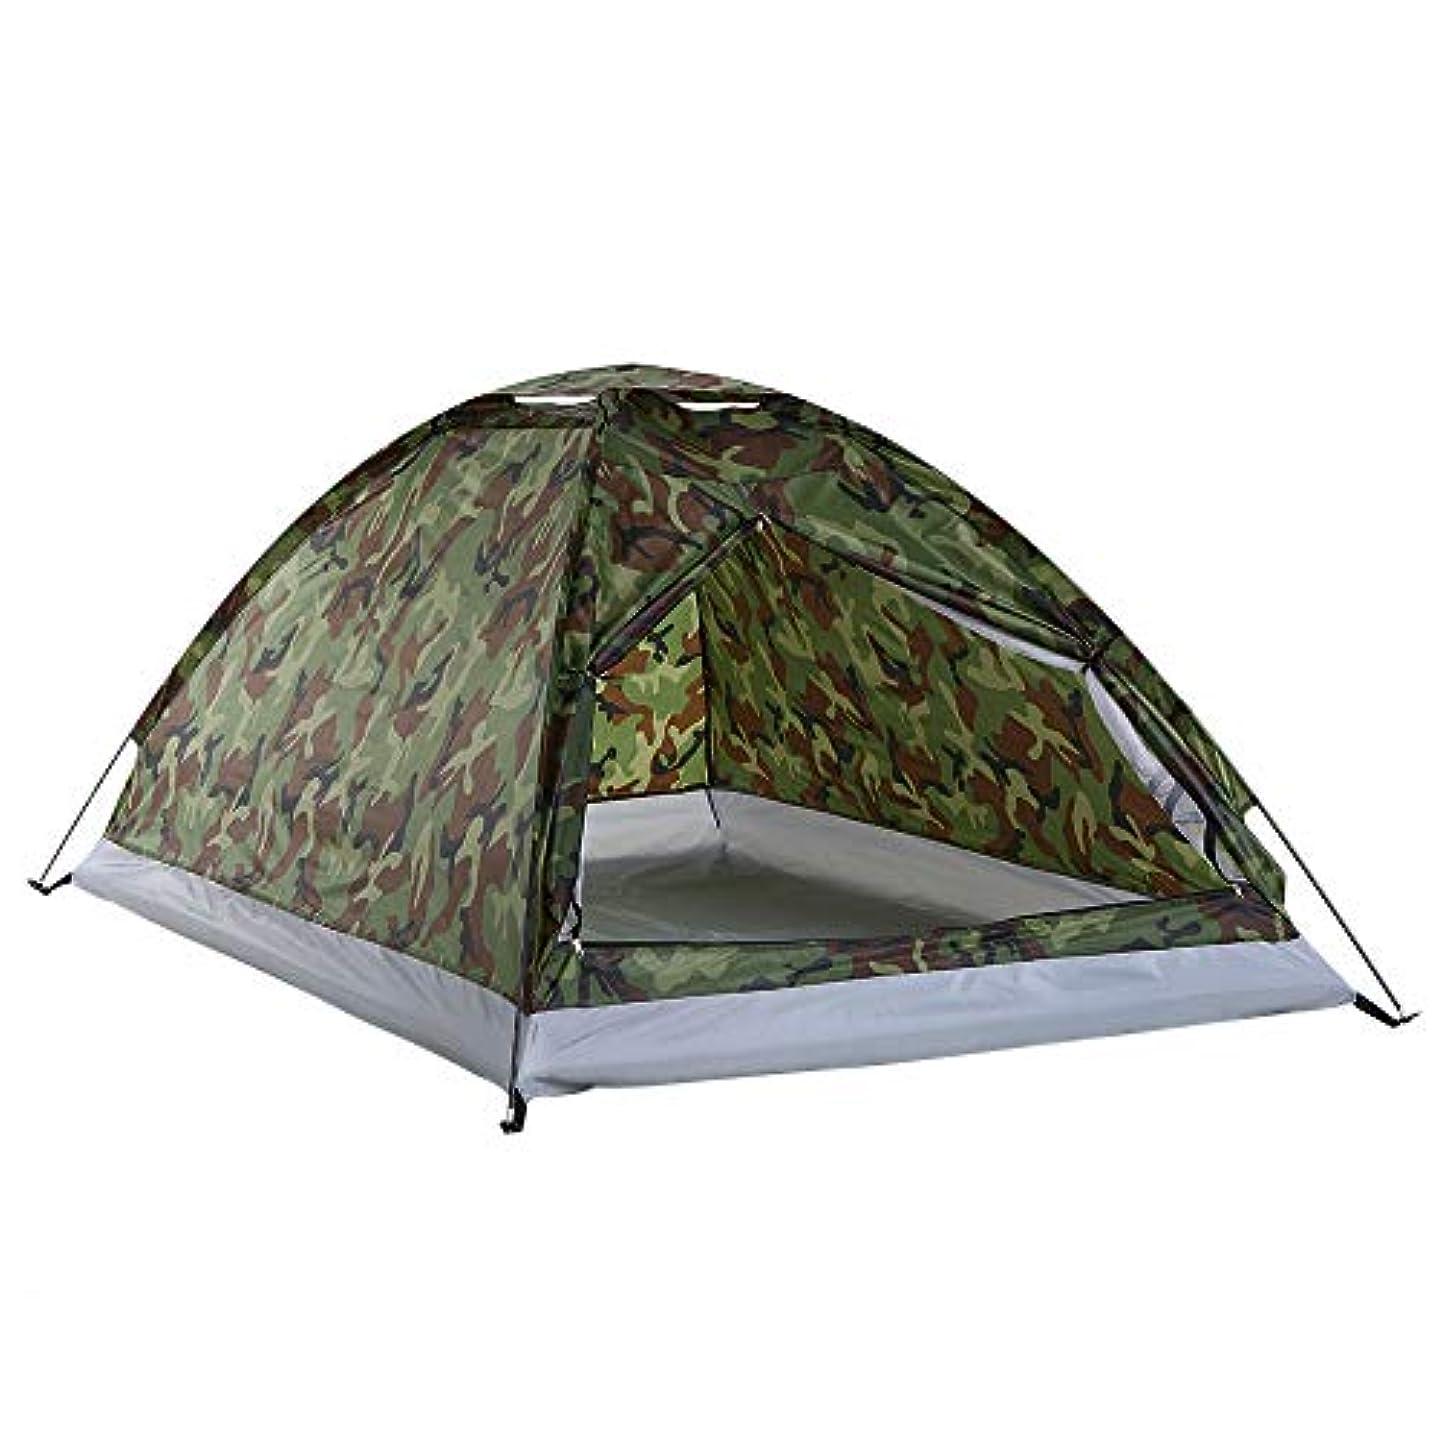 減少コピーエジプト人超軽量のキャンプテント、1-2人用キャンプテント、単層屋外テント、キャンプ軽量ポータブルハイキングテント